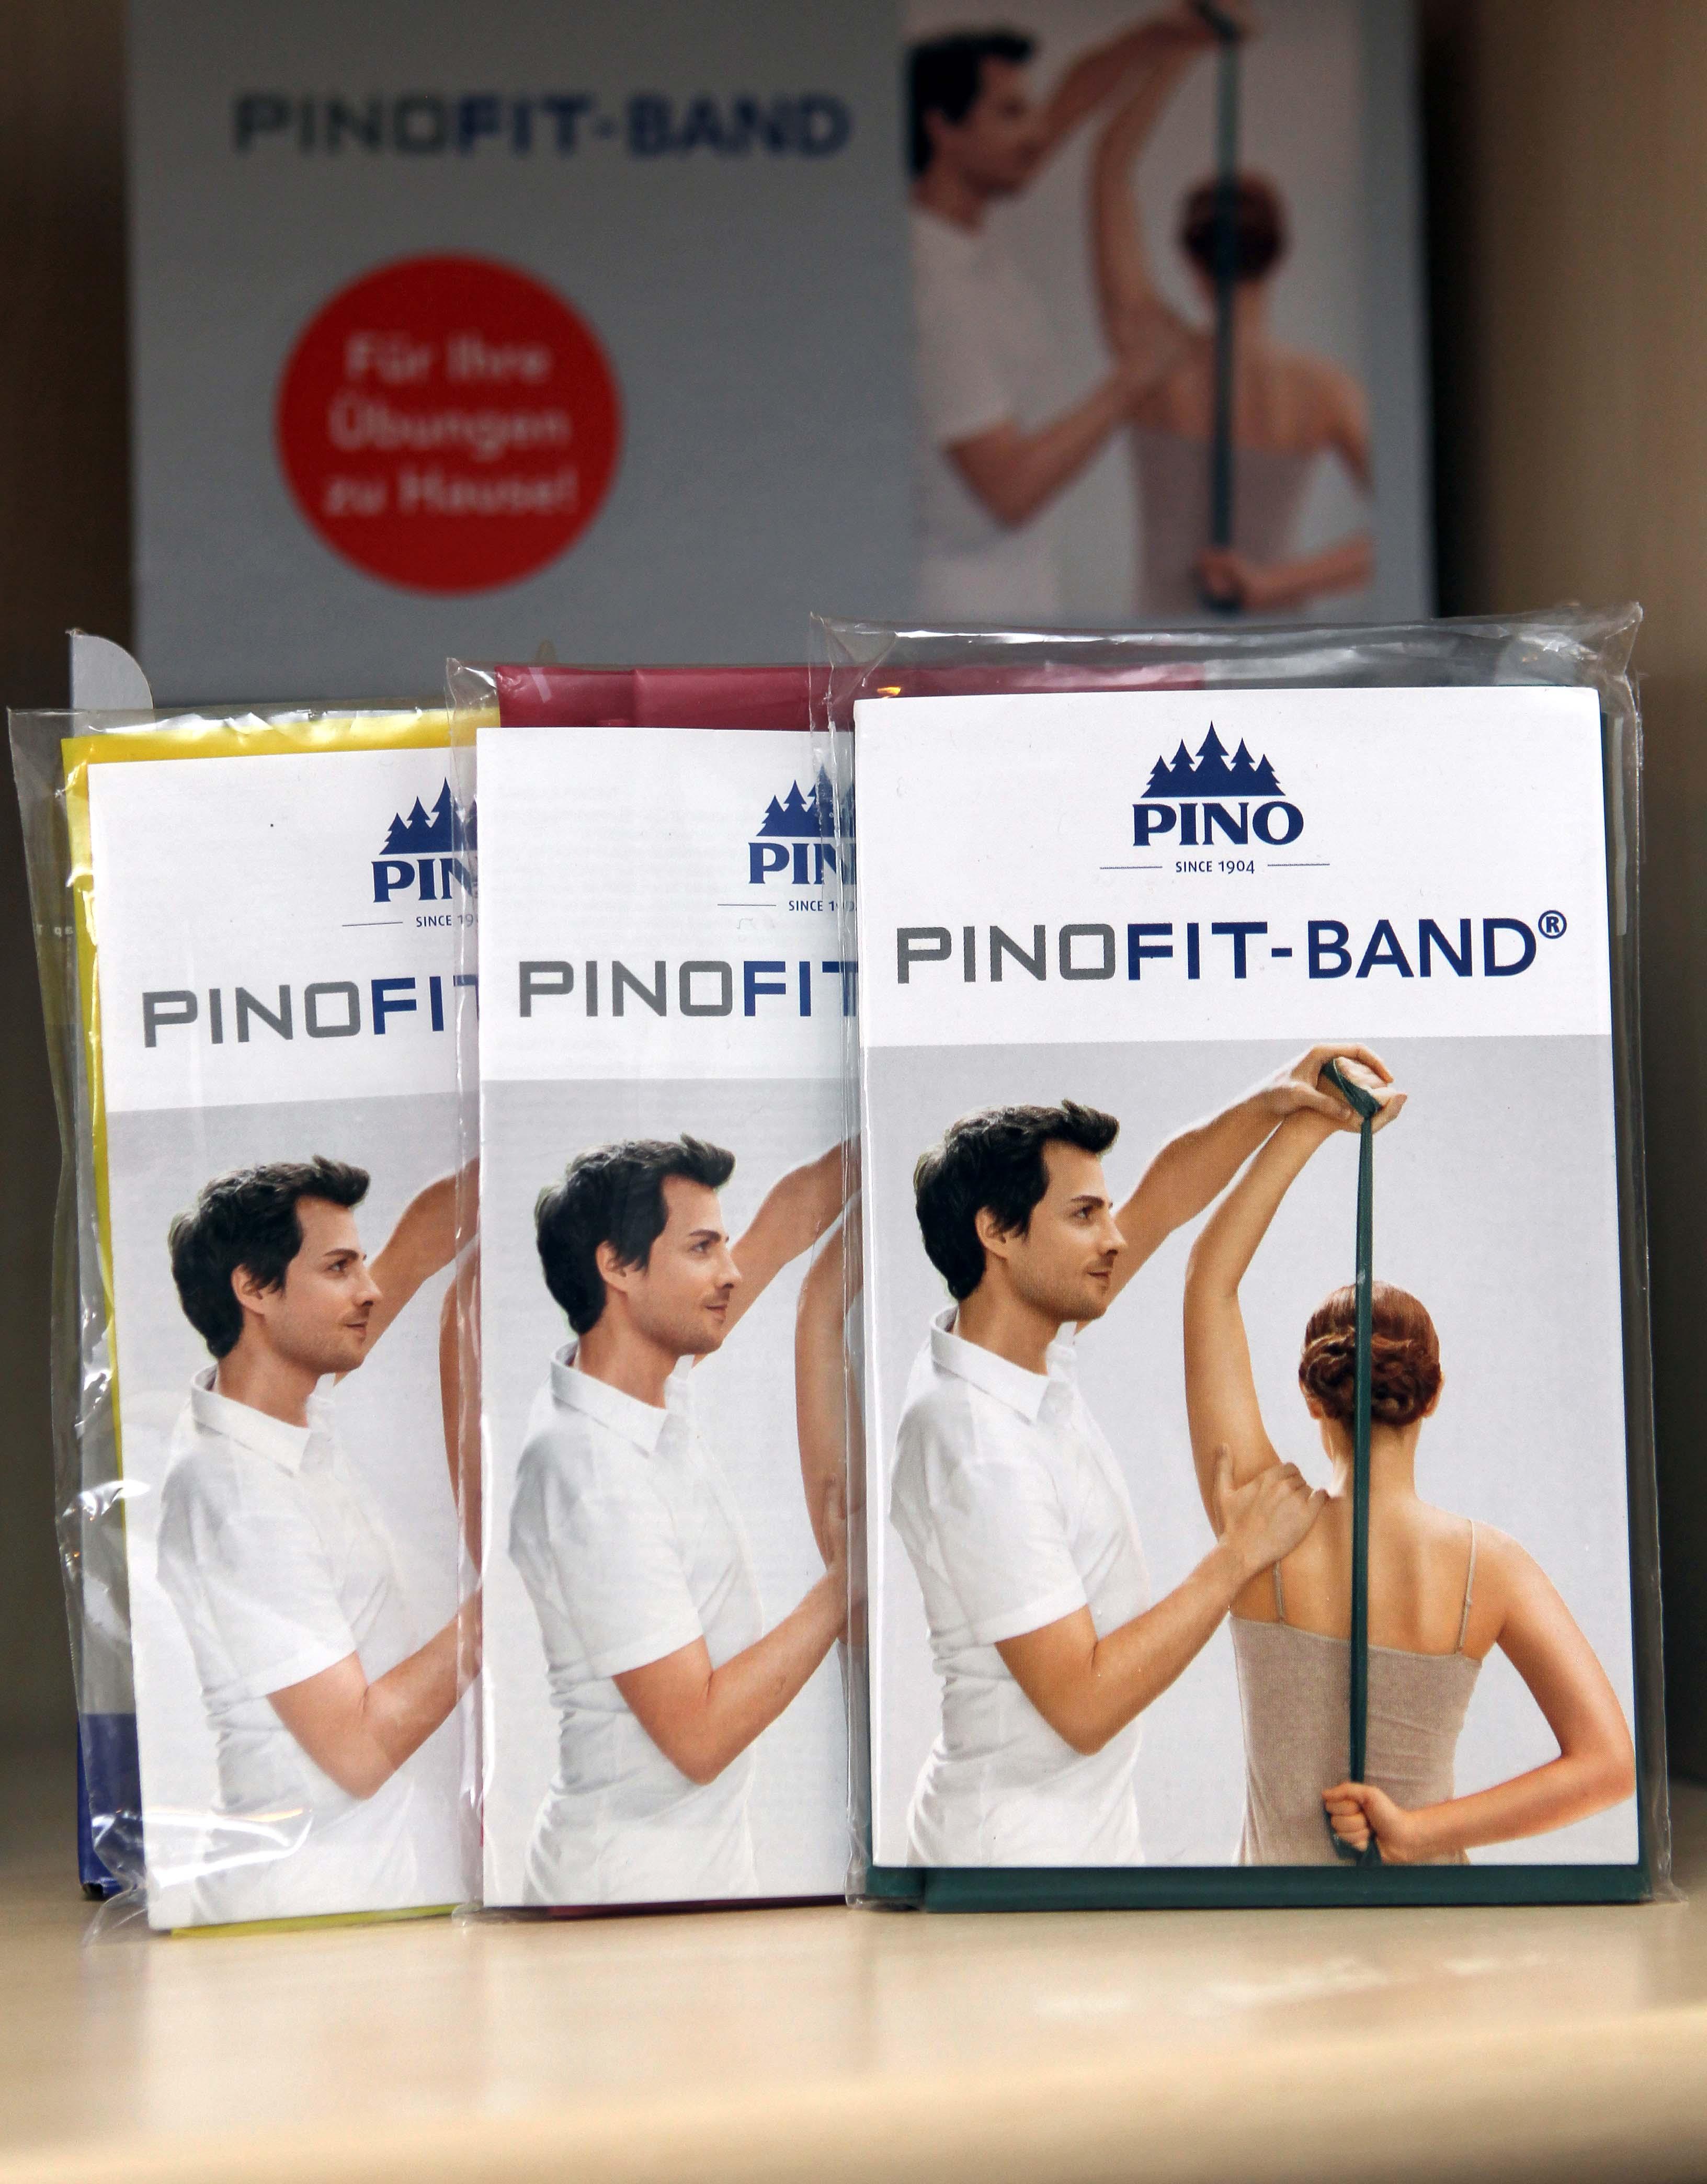 PINOFIT-Band